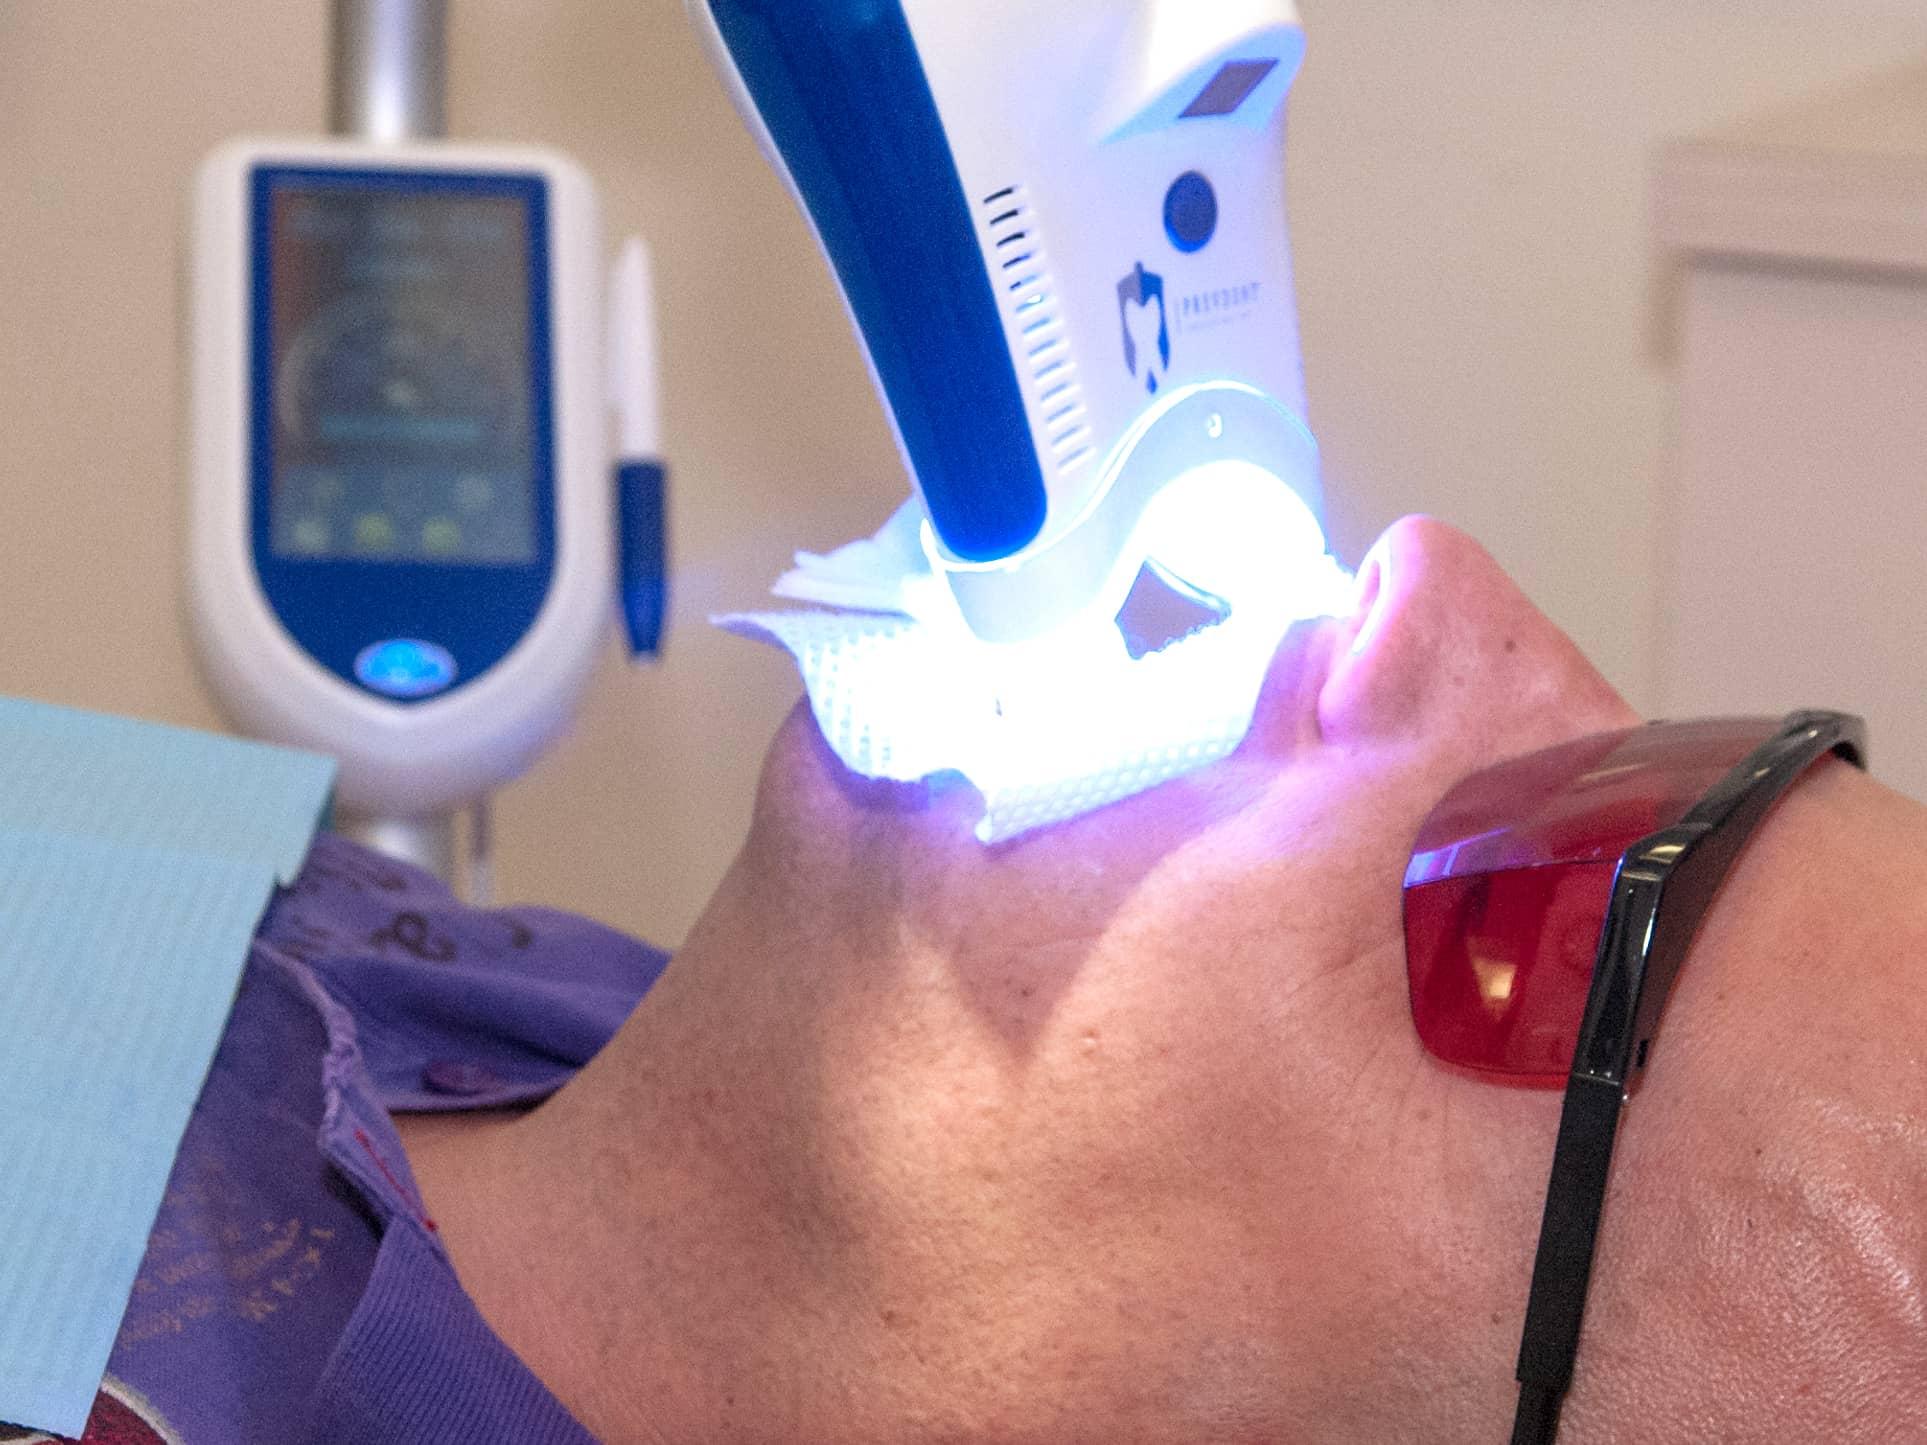 Tanden bleken: alleen nog bij de tandarts?